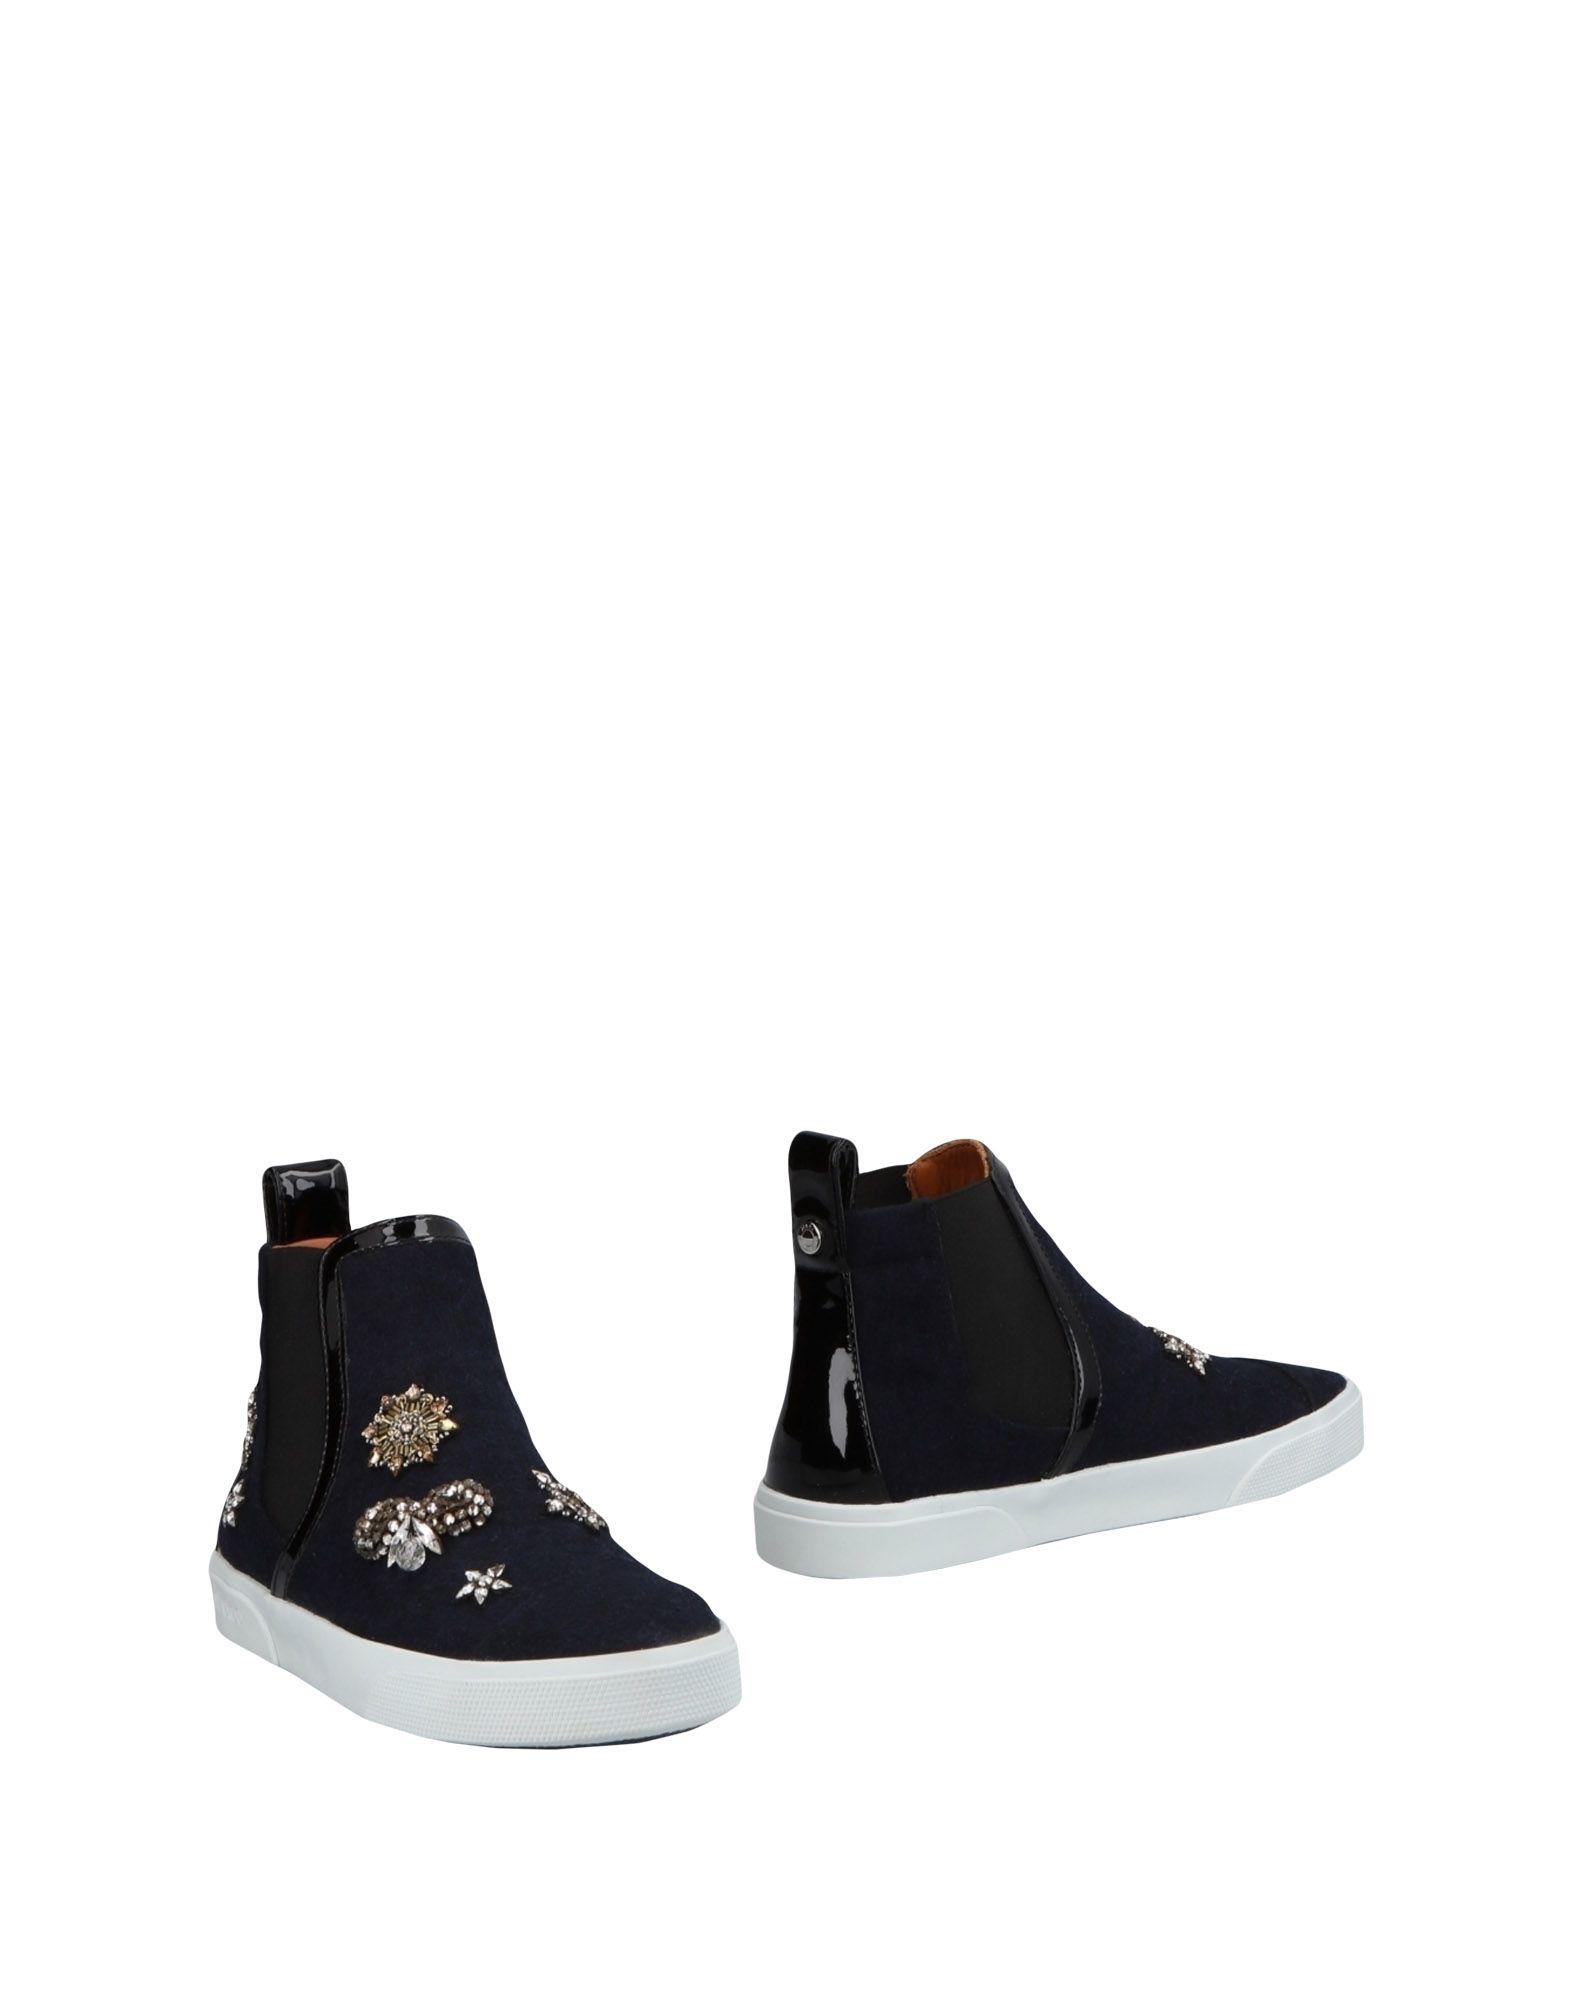 Jimmy Choo Stiefelette Damen  Schuhe 11495523BUGünstige gut aussehende Schuhe  56bb60